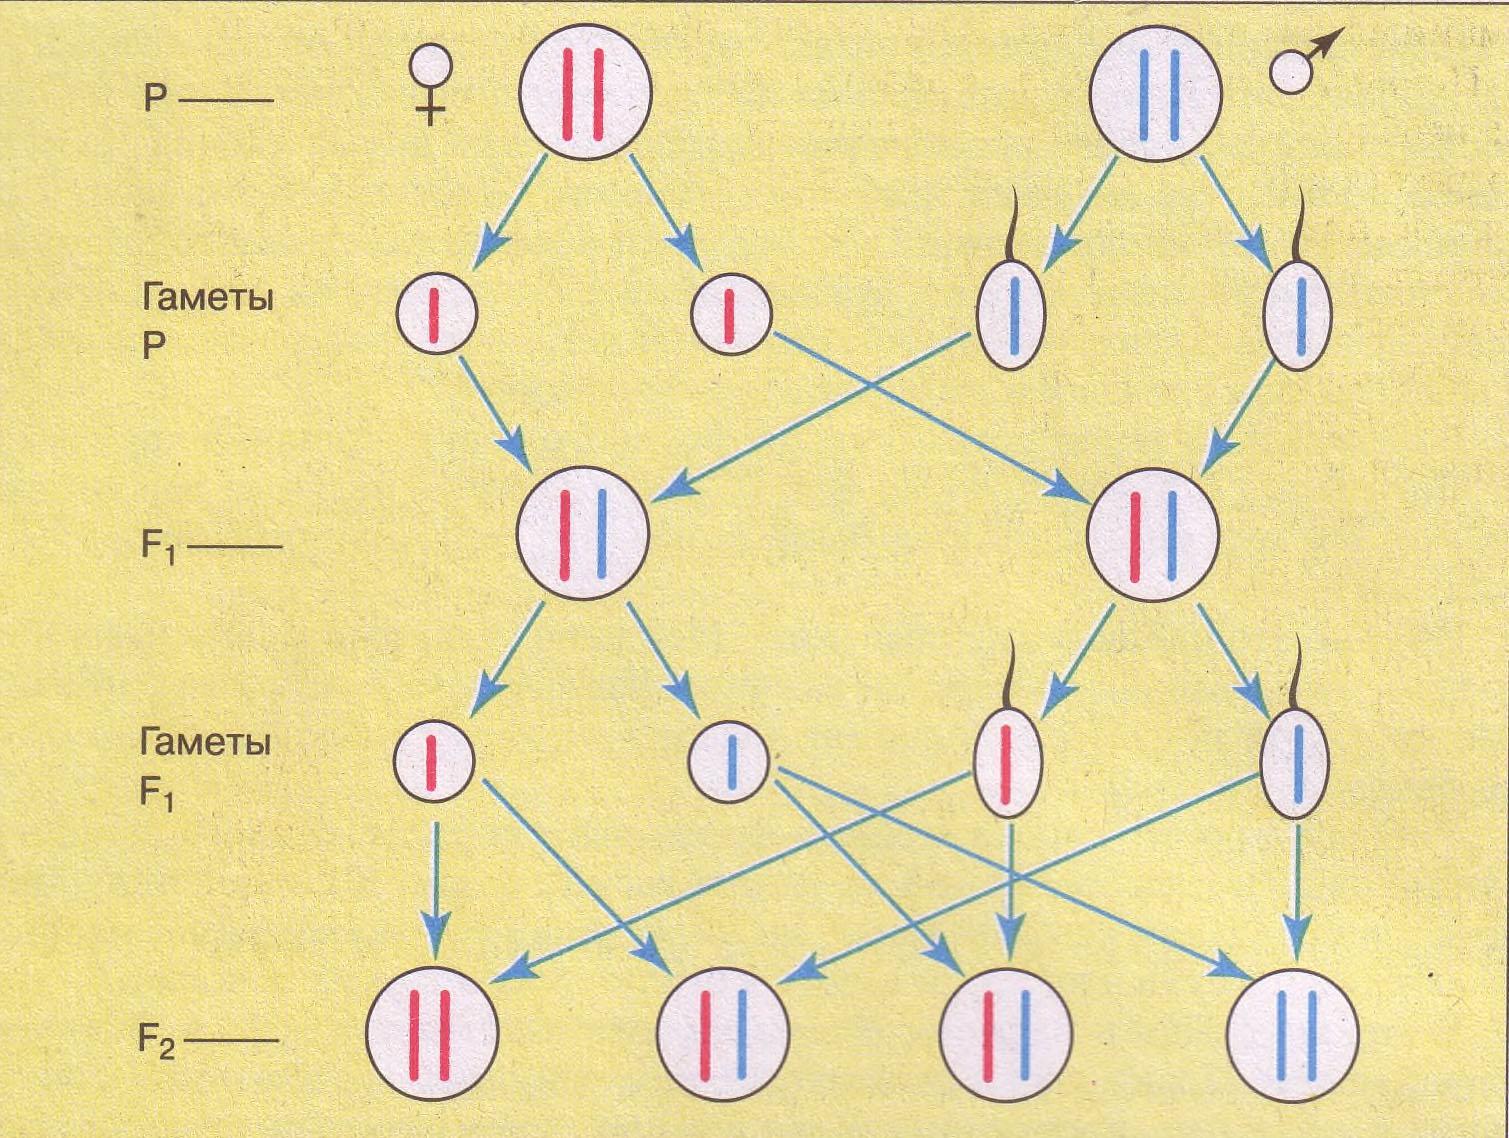 Второй закон Менделя закон расщепления и закон чистоты гамет  Цитологические основы моногибридного скрещивания и закона чистоты гамет Хромосомы несущие доминантный признак жёлтый цвет окраски гороха красные